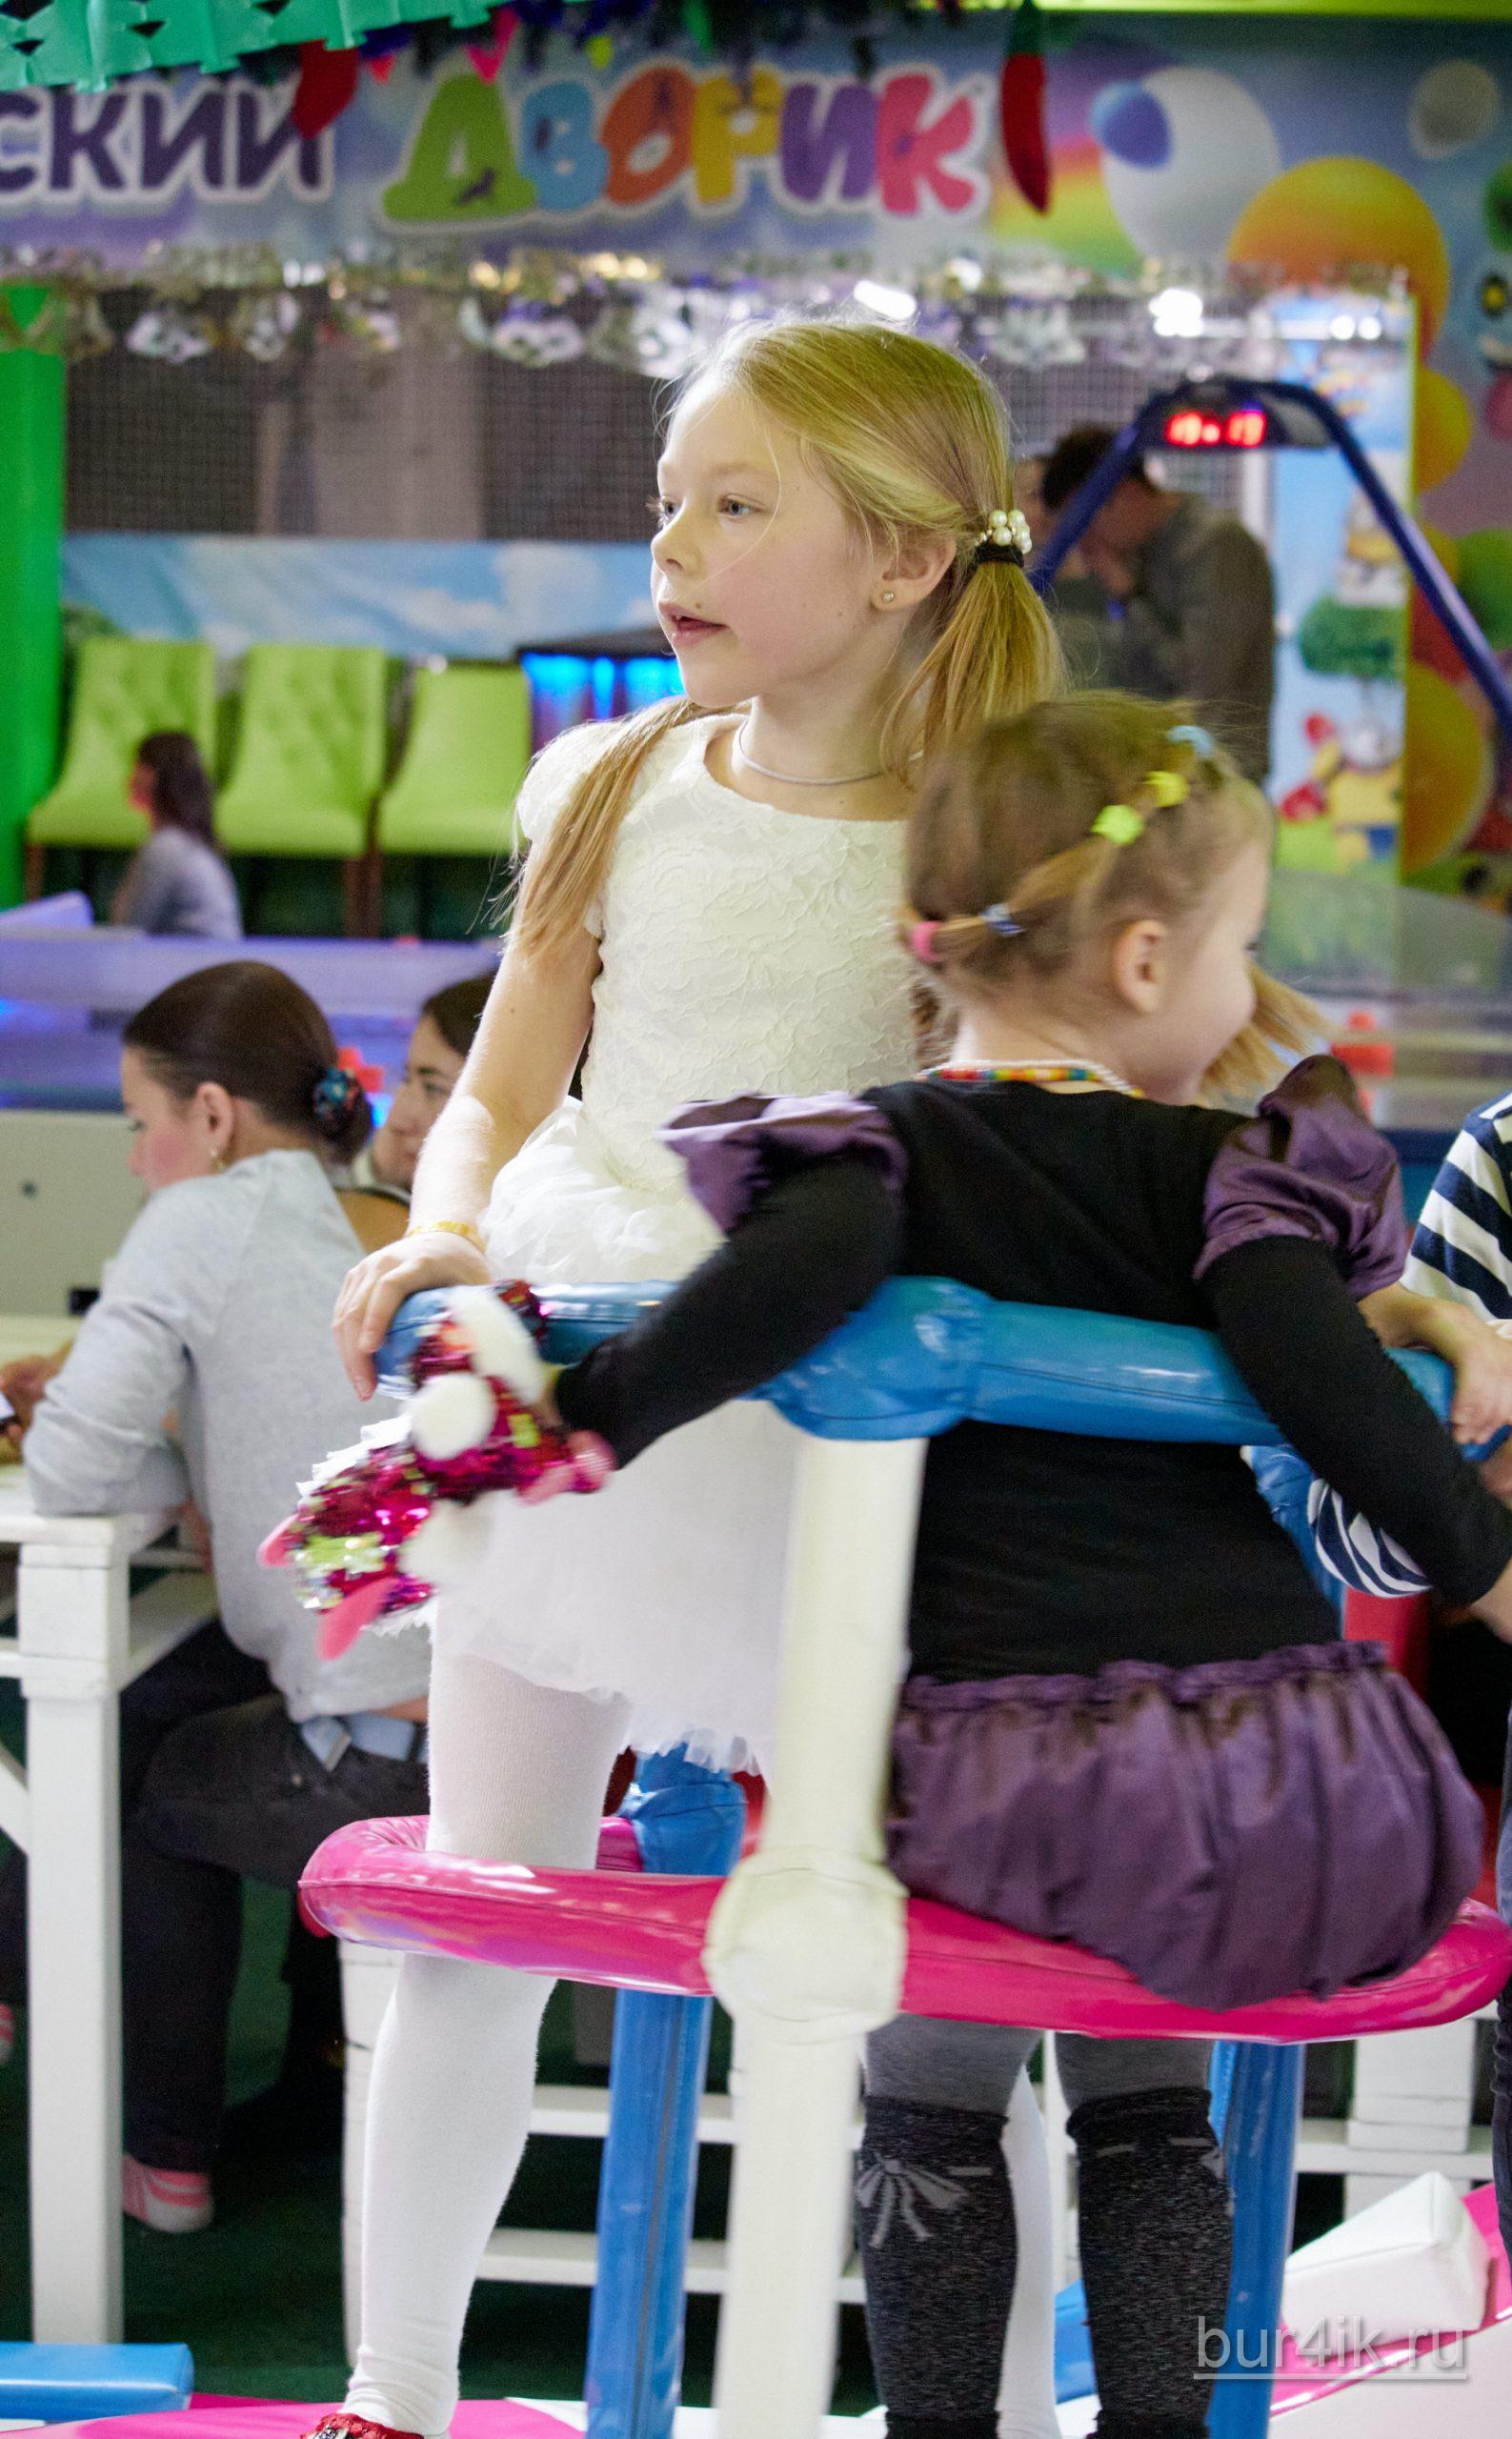 Фото Детское День Рождения в Детский Дворик 15.01.2020 №325 -photo- bur4ik.ru